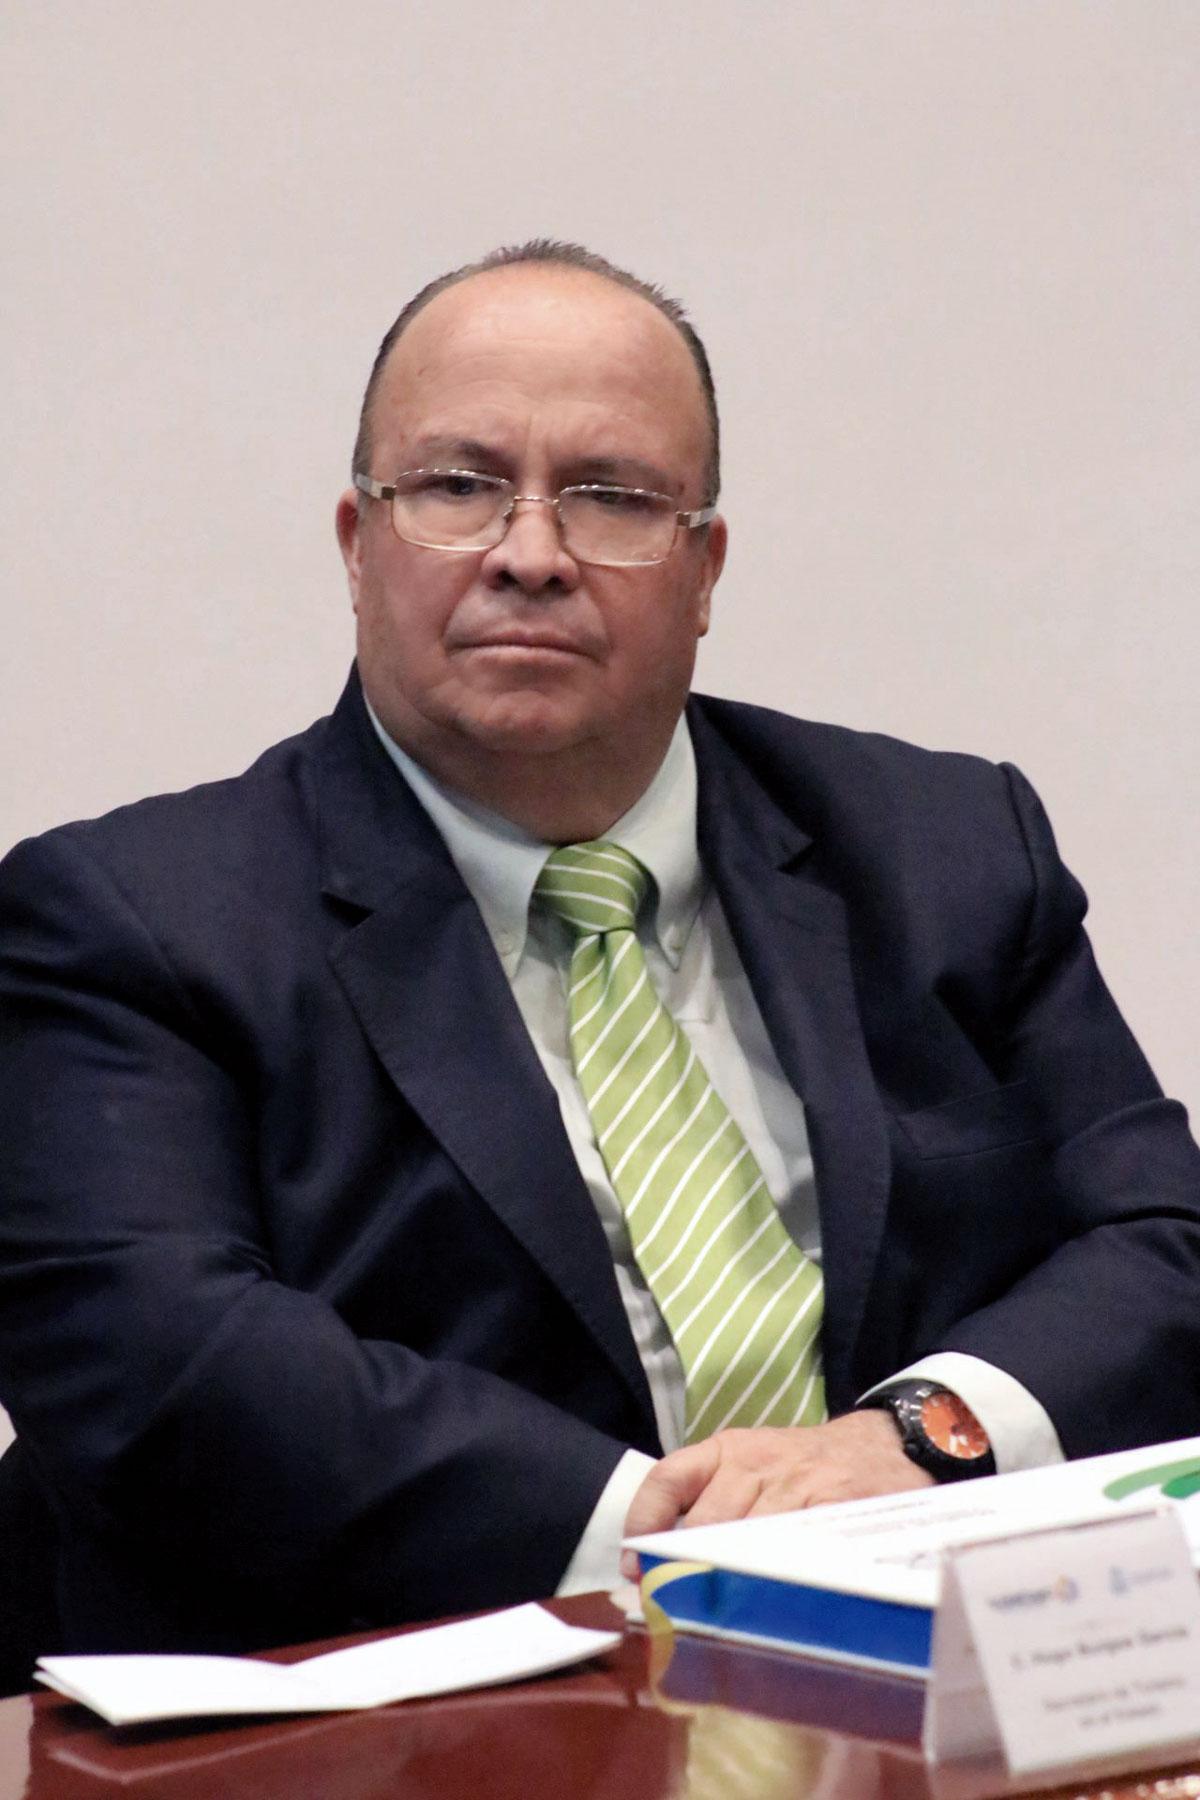 « LAS MEJORES RECOMENDACIONES PARA DISFRUTAR QUERÉTARO